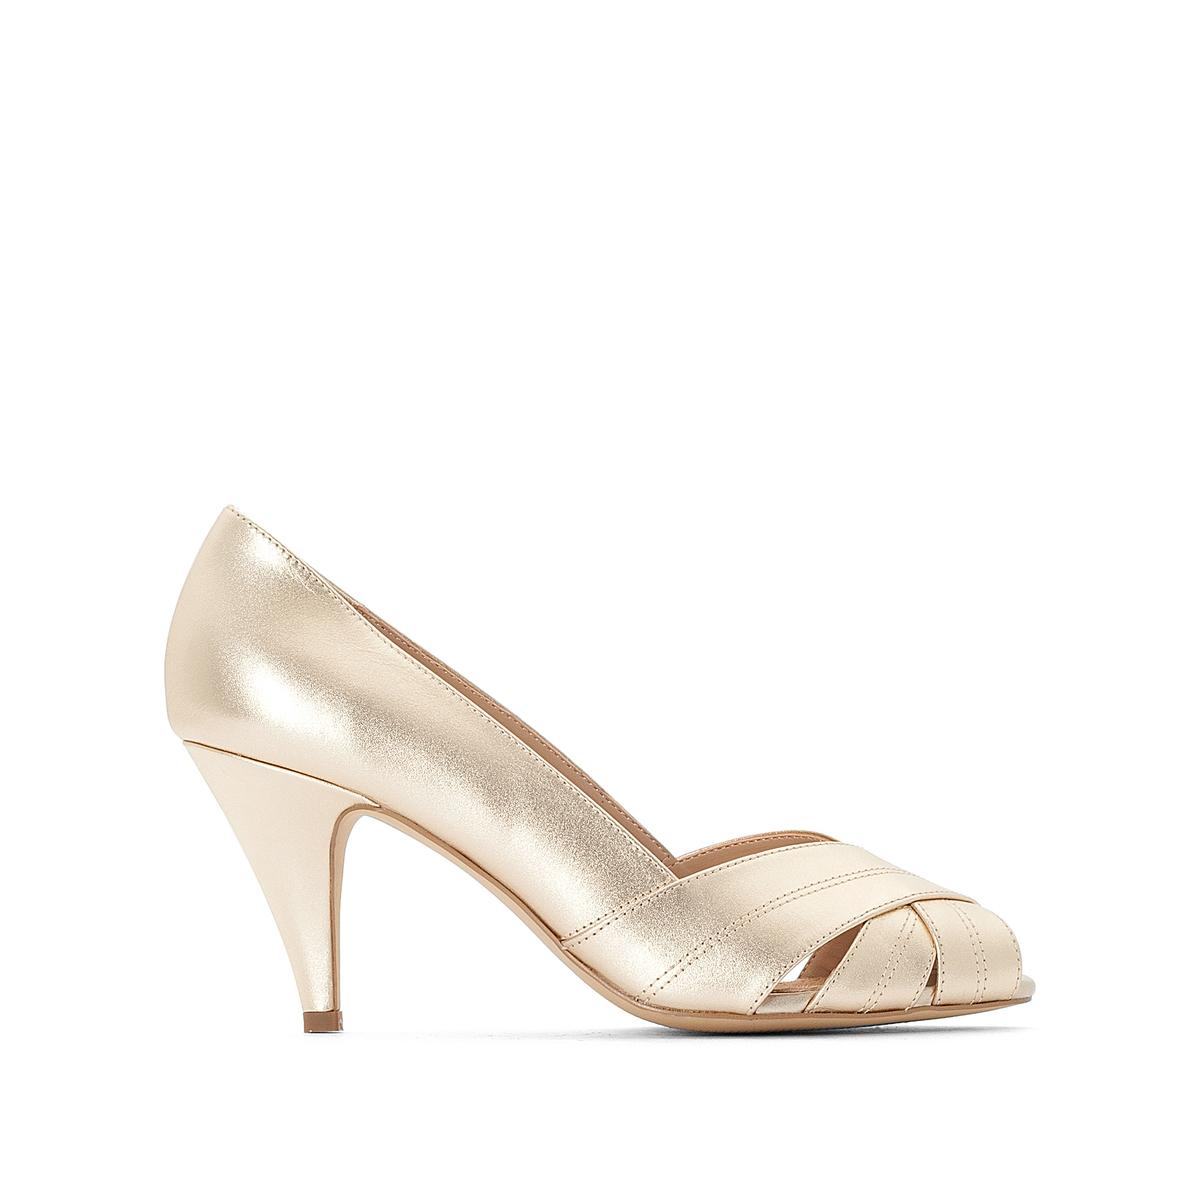 Туфли La Redoute С открытым мыском на каблуке 36 золотистый туфли la redoute кожаные с открытым мыском и деталями золотистого цвета 41 черный